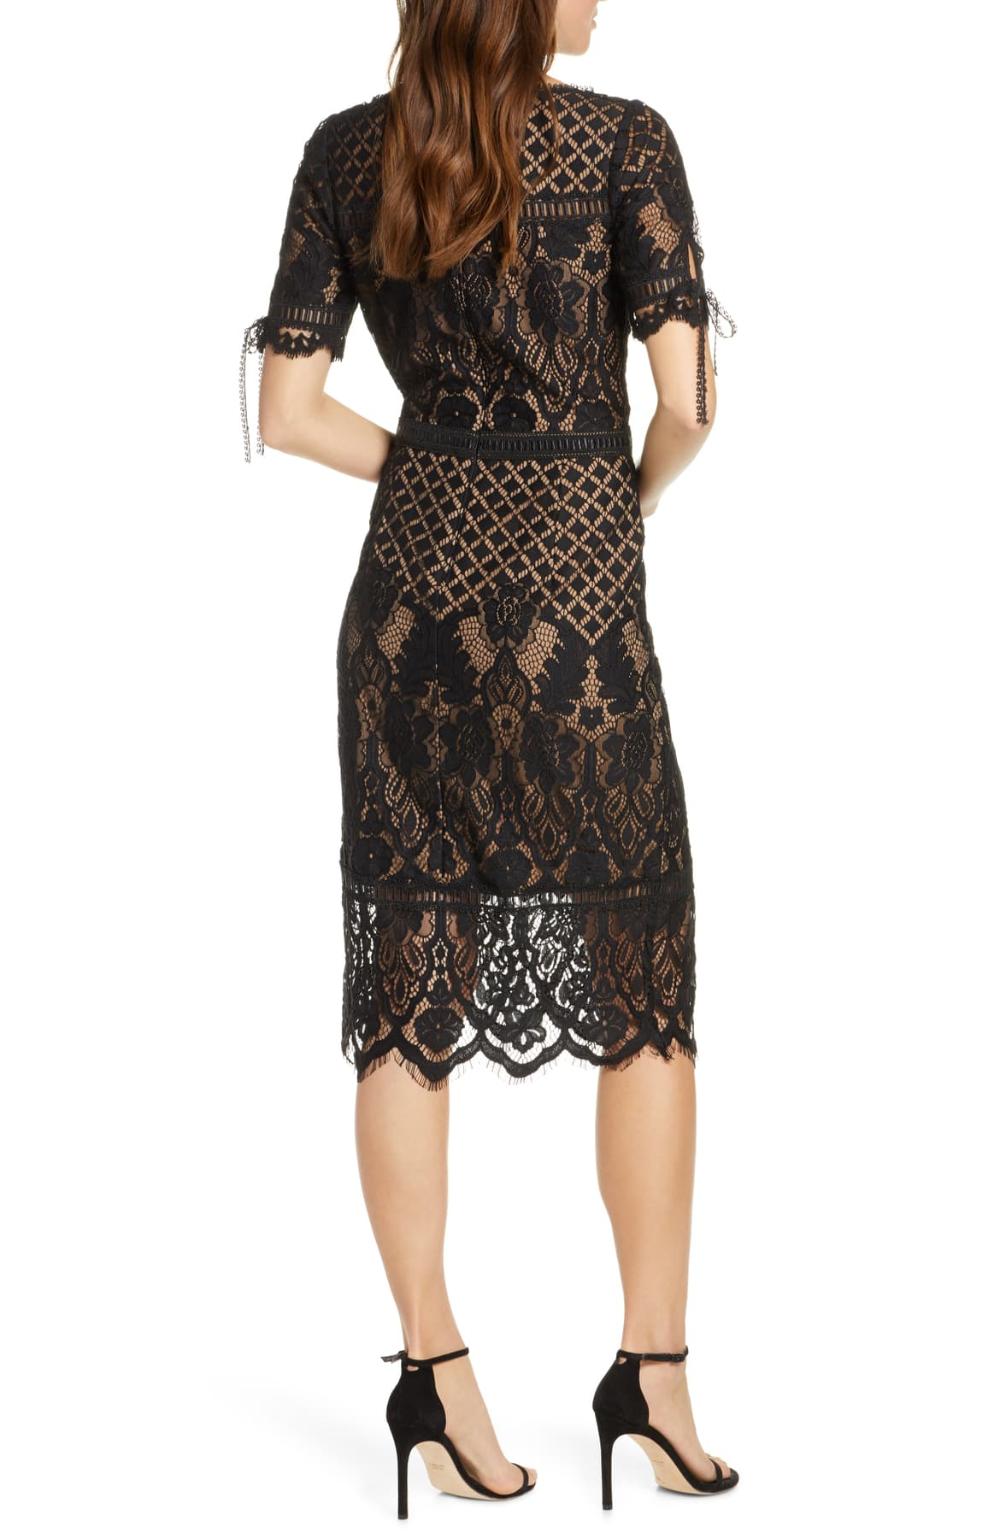 Tadashi Shoji Tie Sleeve Lace Cocktail Dress Nordstrom Cocktail Dress Lace Lace Sheath Dress Dresses [ 1533 x 1000 Pixel ]